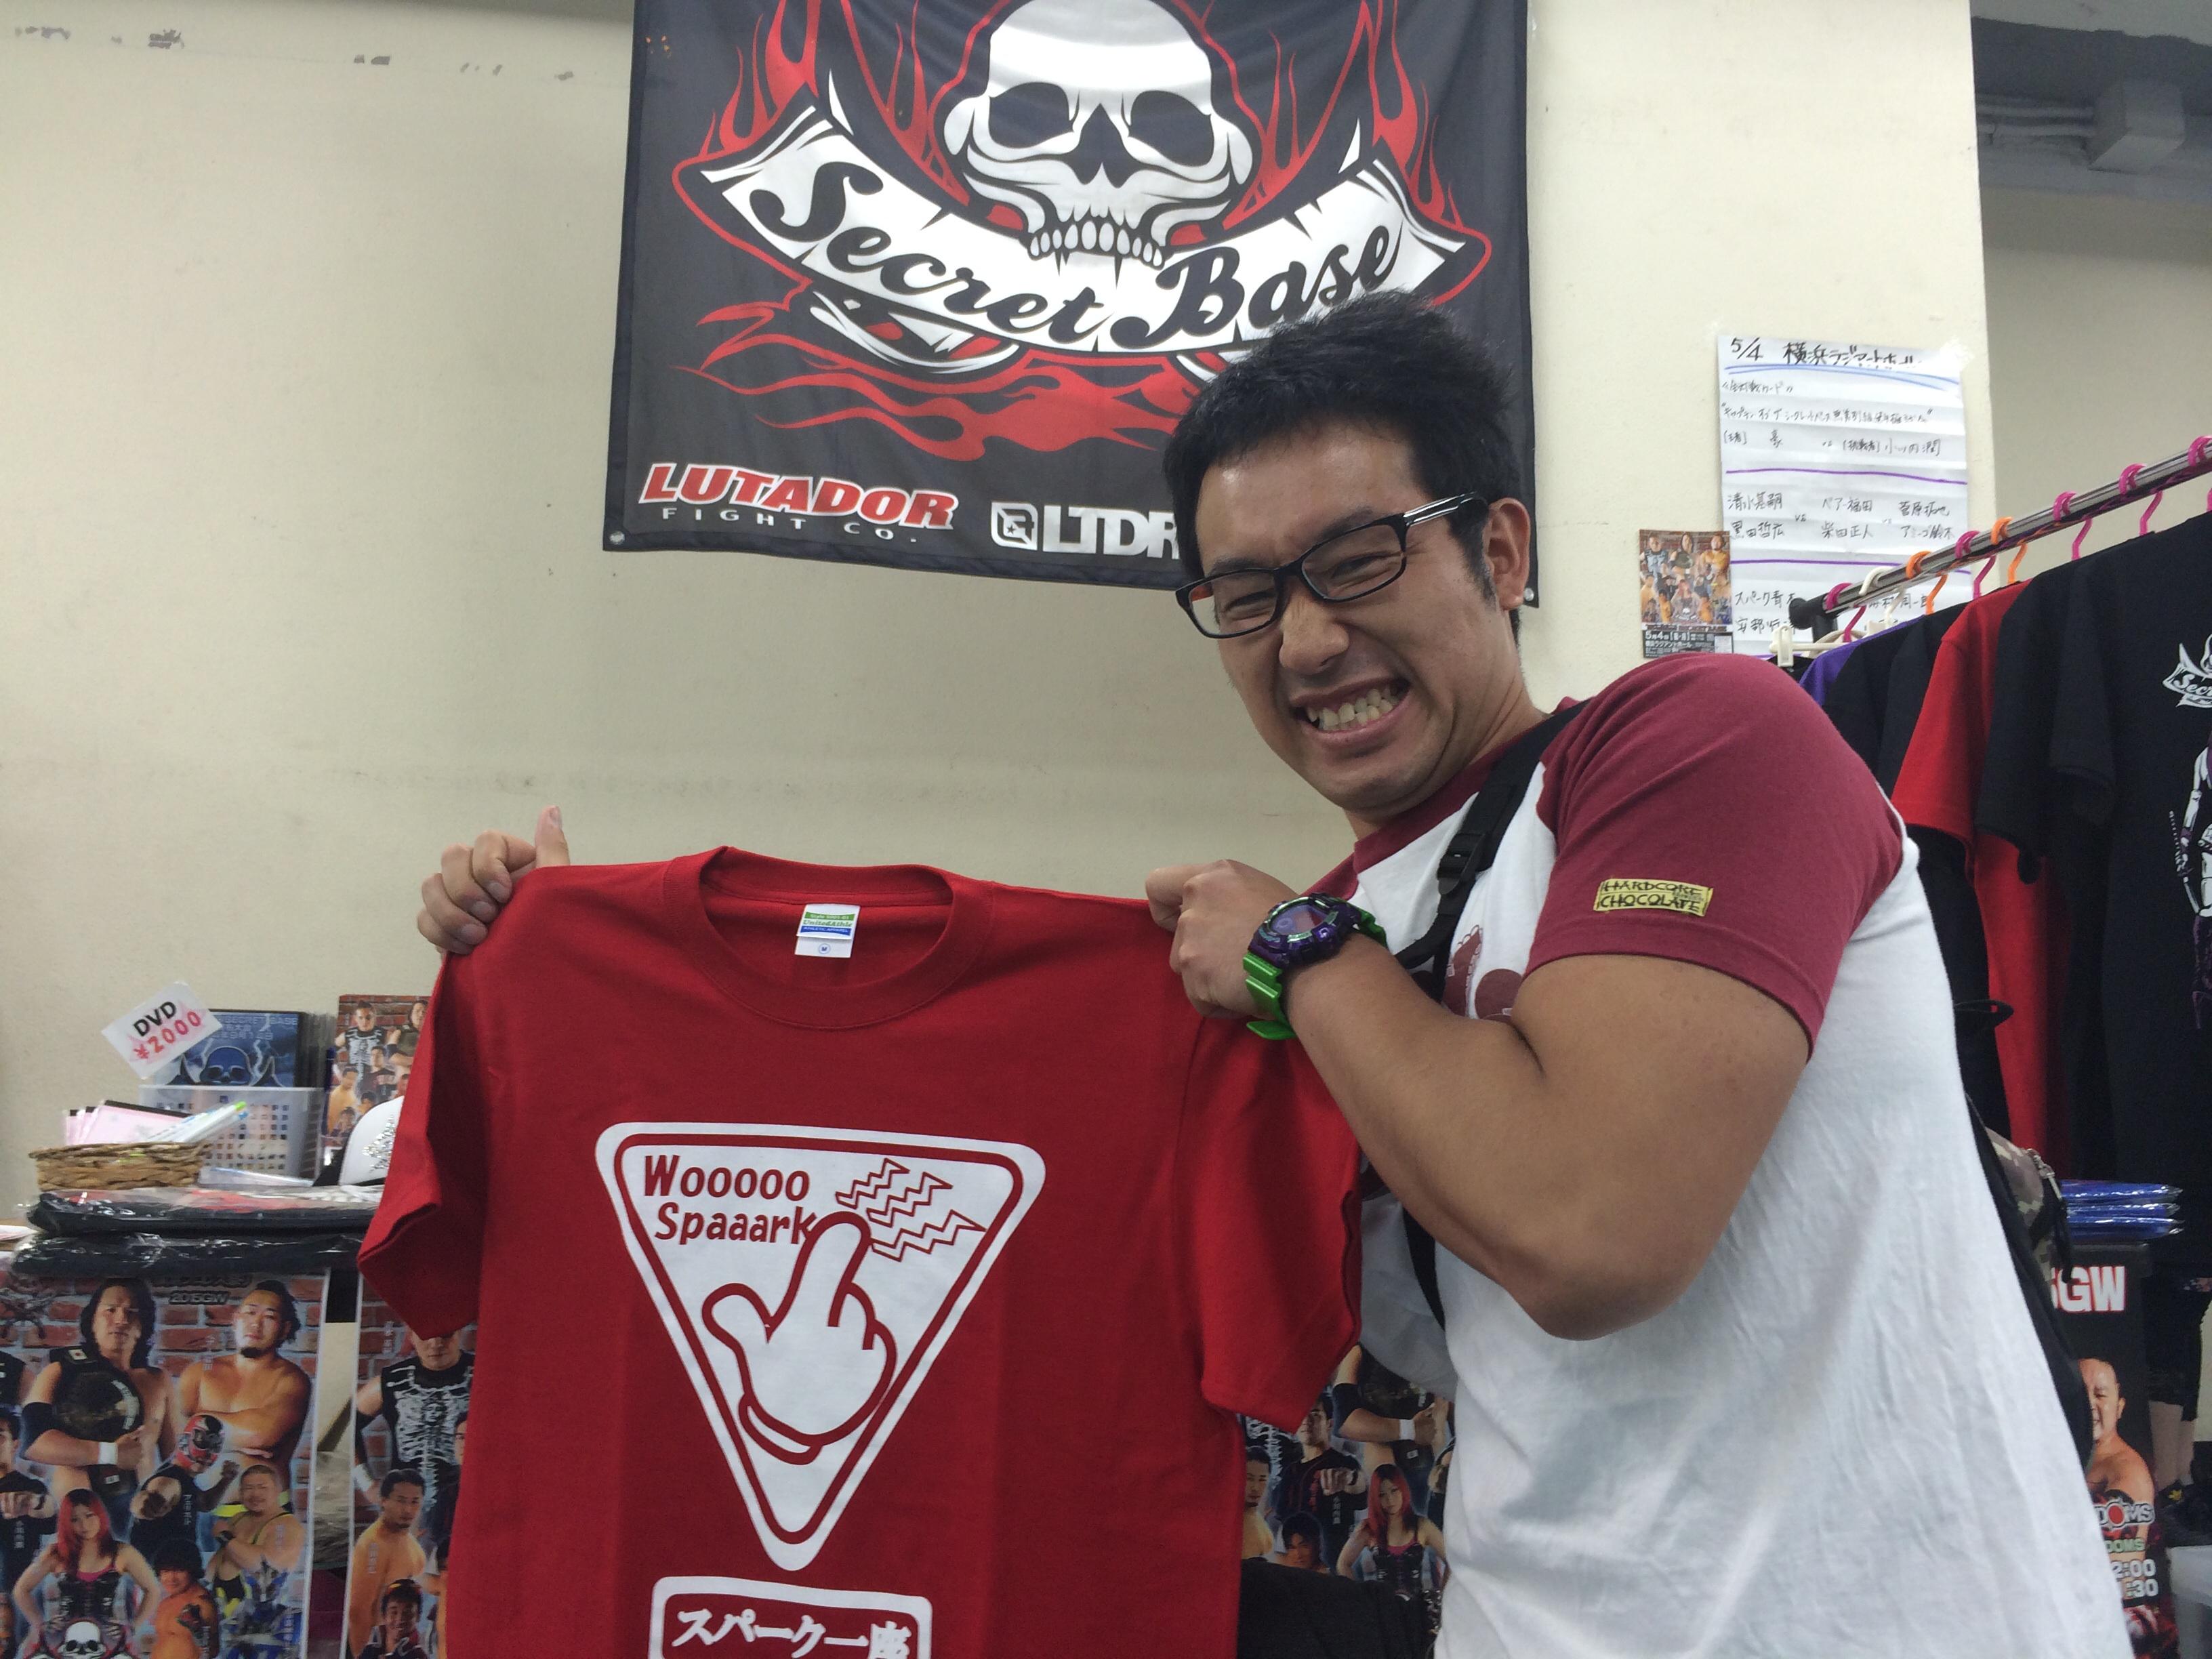 安部行洋プロデュースのスパーク一座Tシャツが新発売!